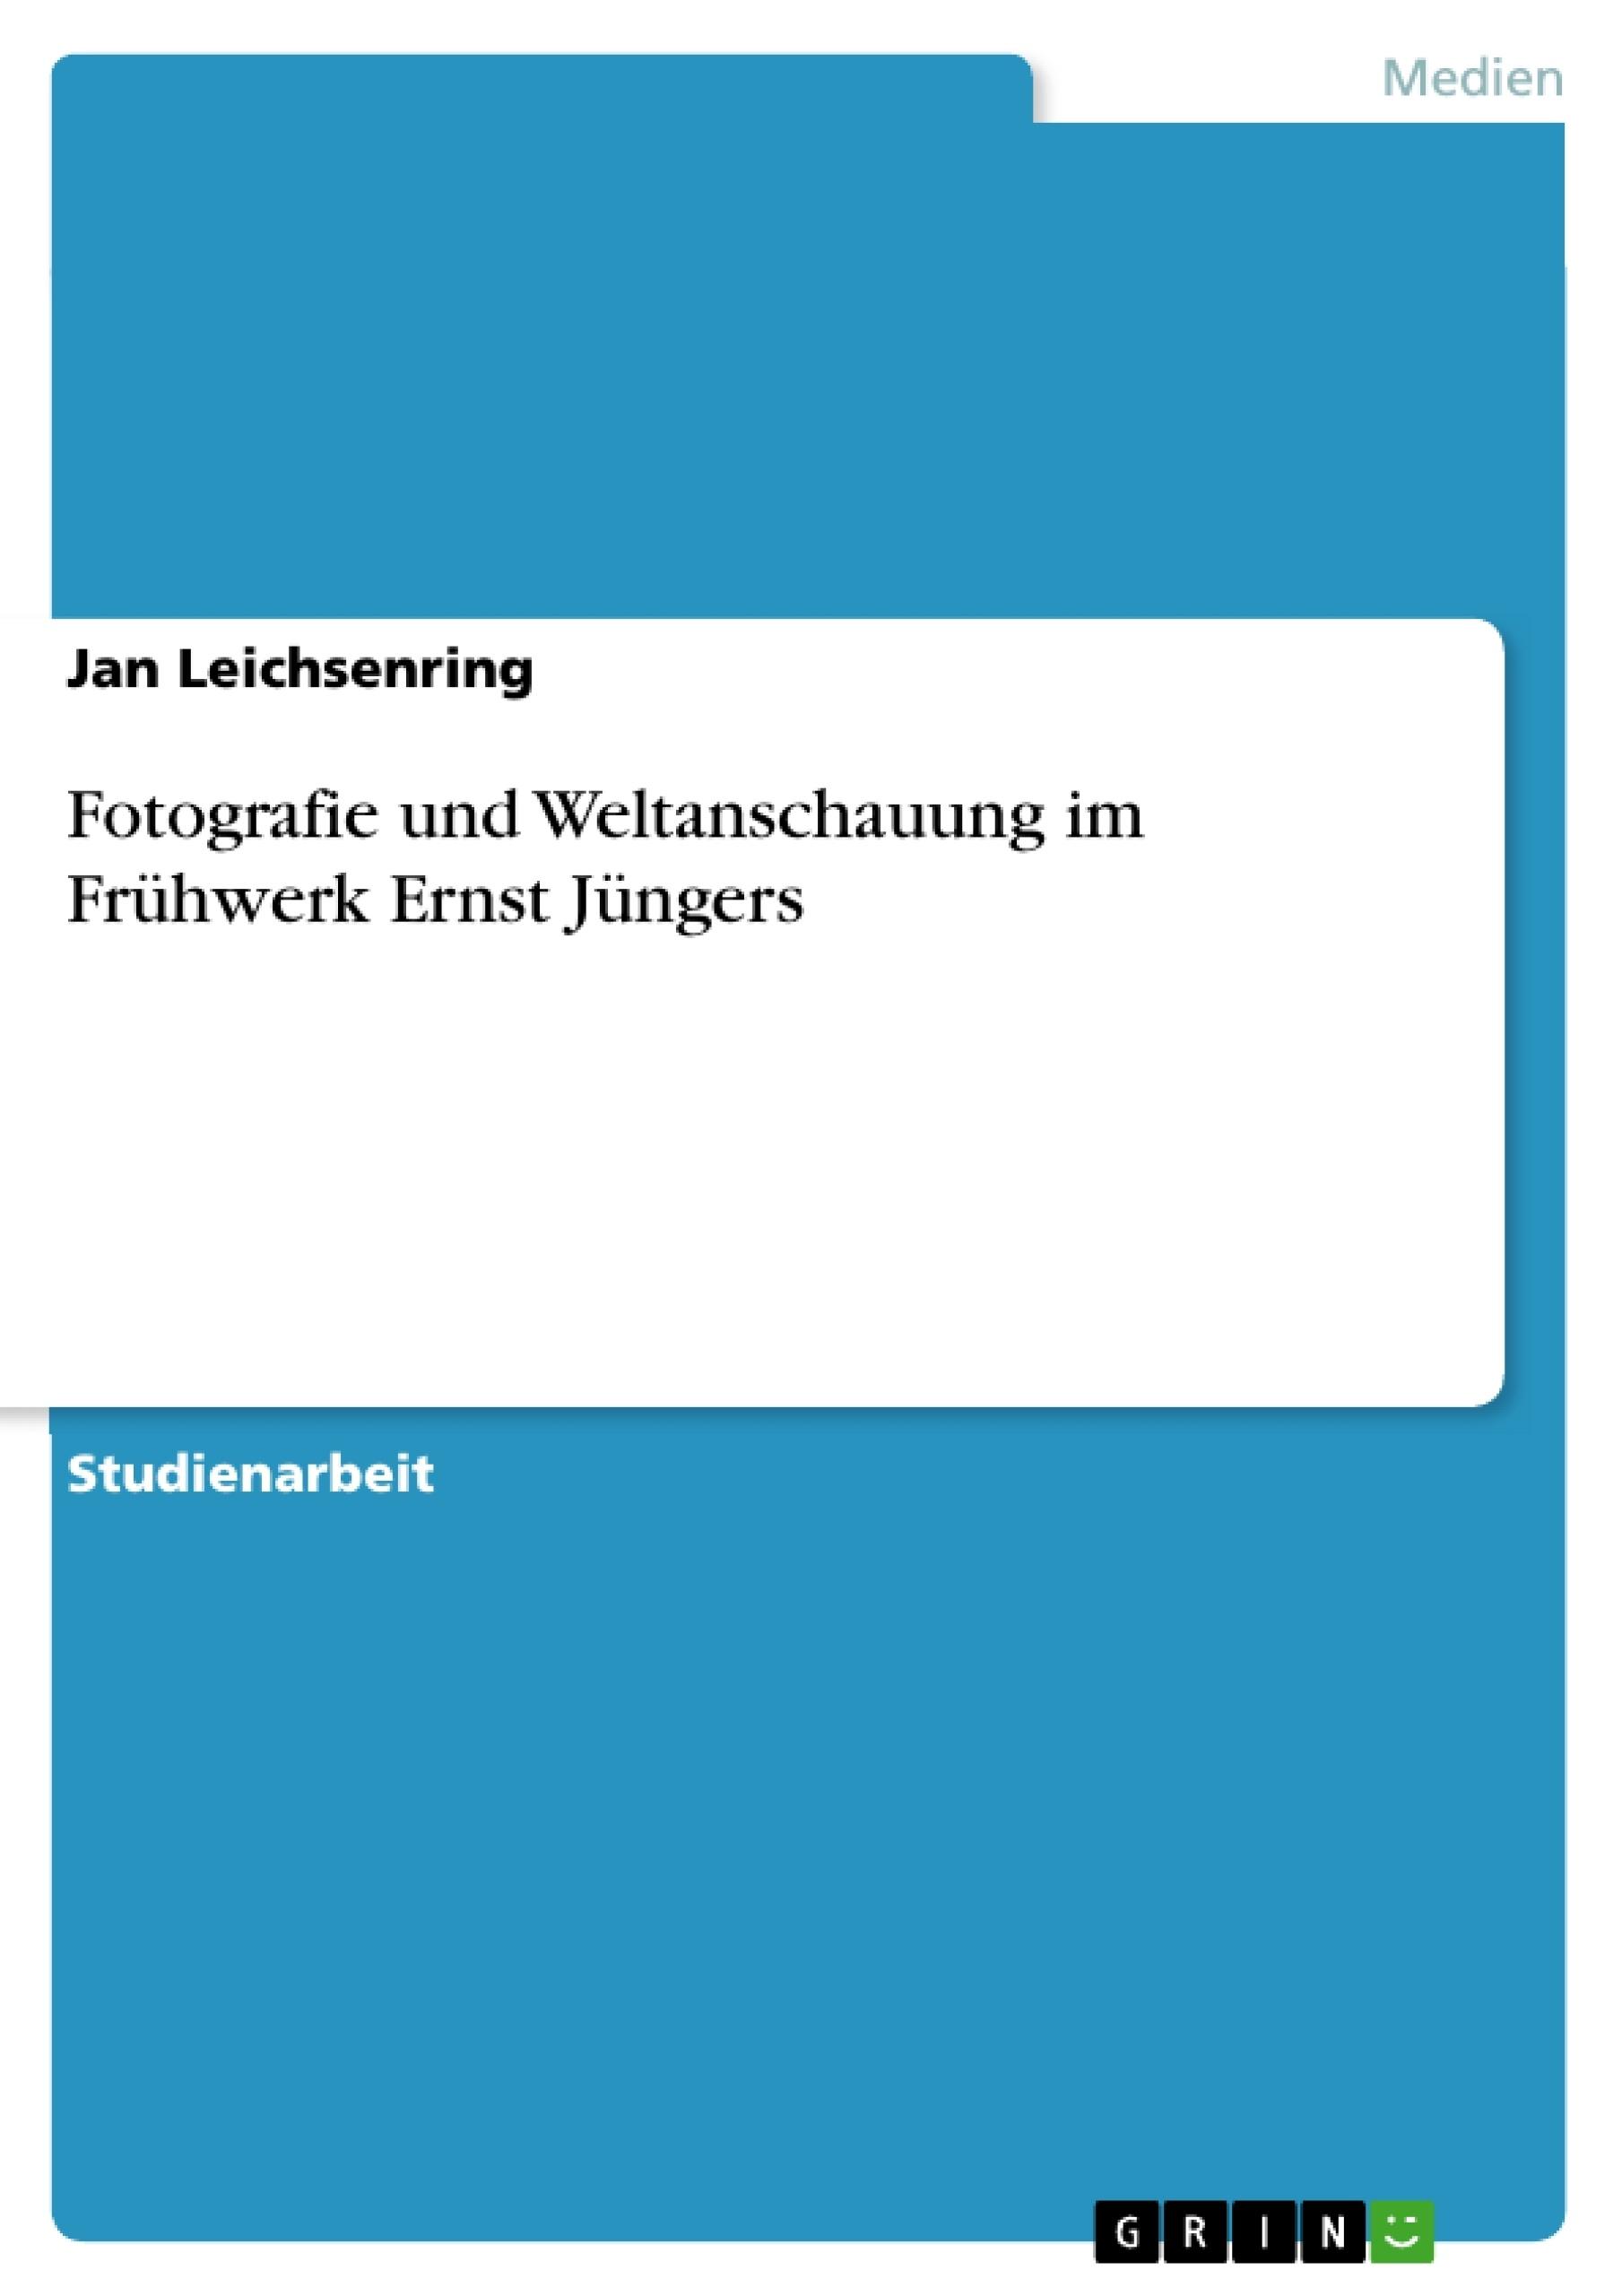 Titel: Fotografie und Weltanschauung im Frühwerk Ernst Jüngers